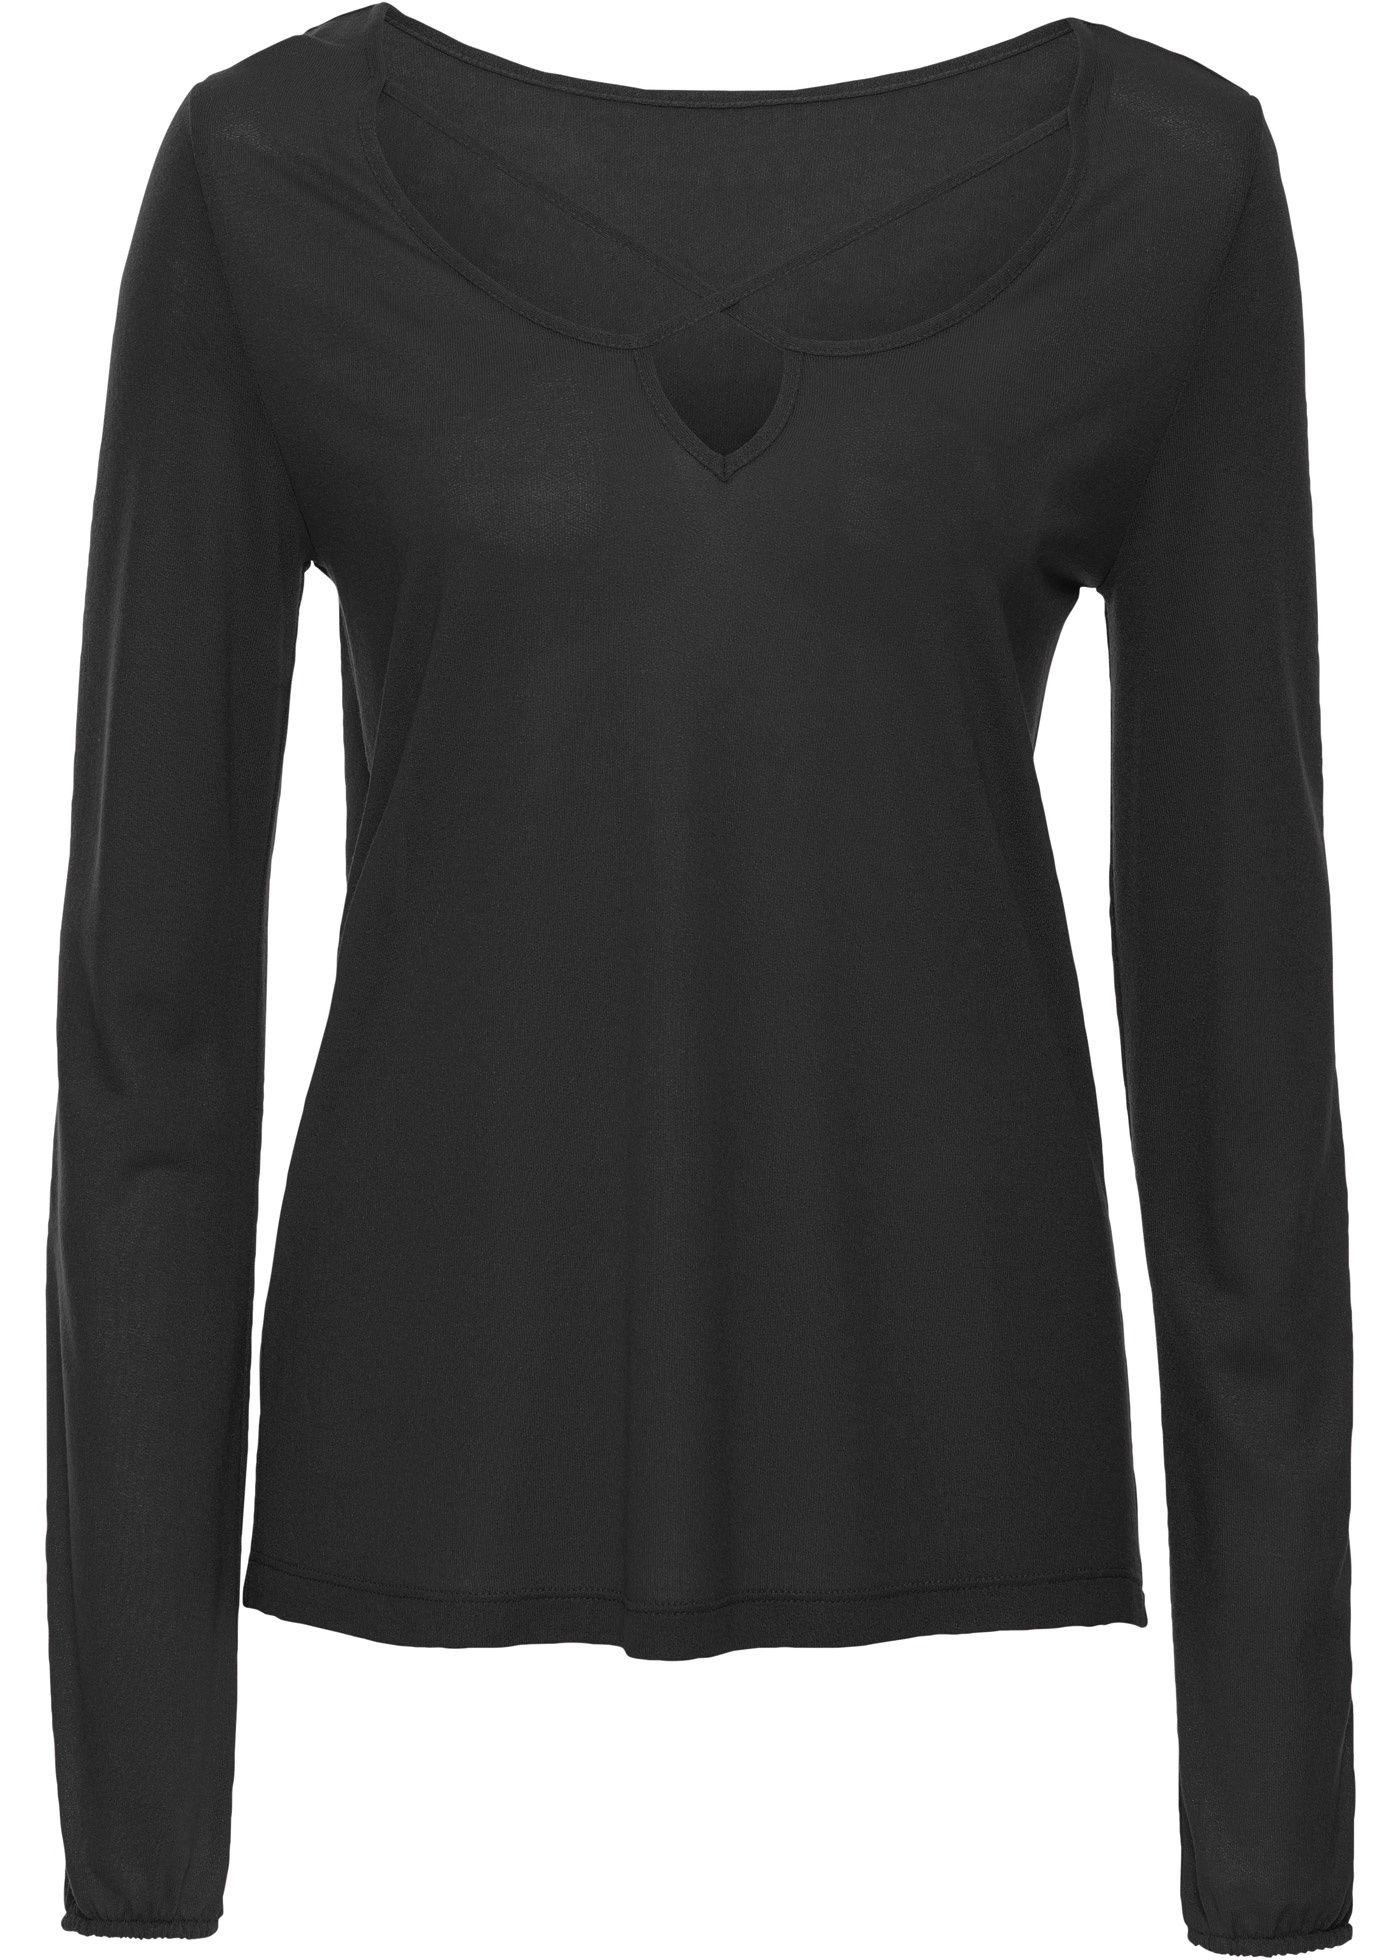 5c558a38219dbc Langarmshirt, RAINBOW, schwarz | Mode/Fashion | Billige kleider ...